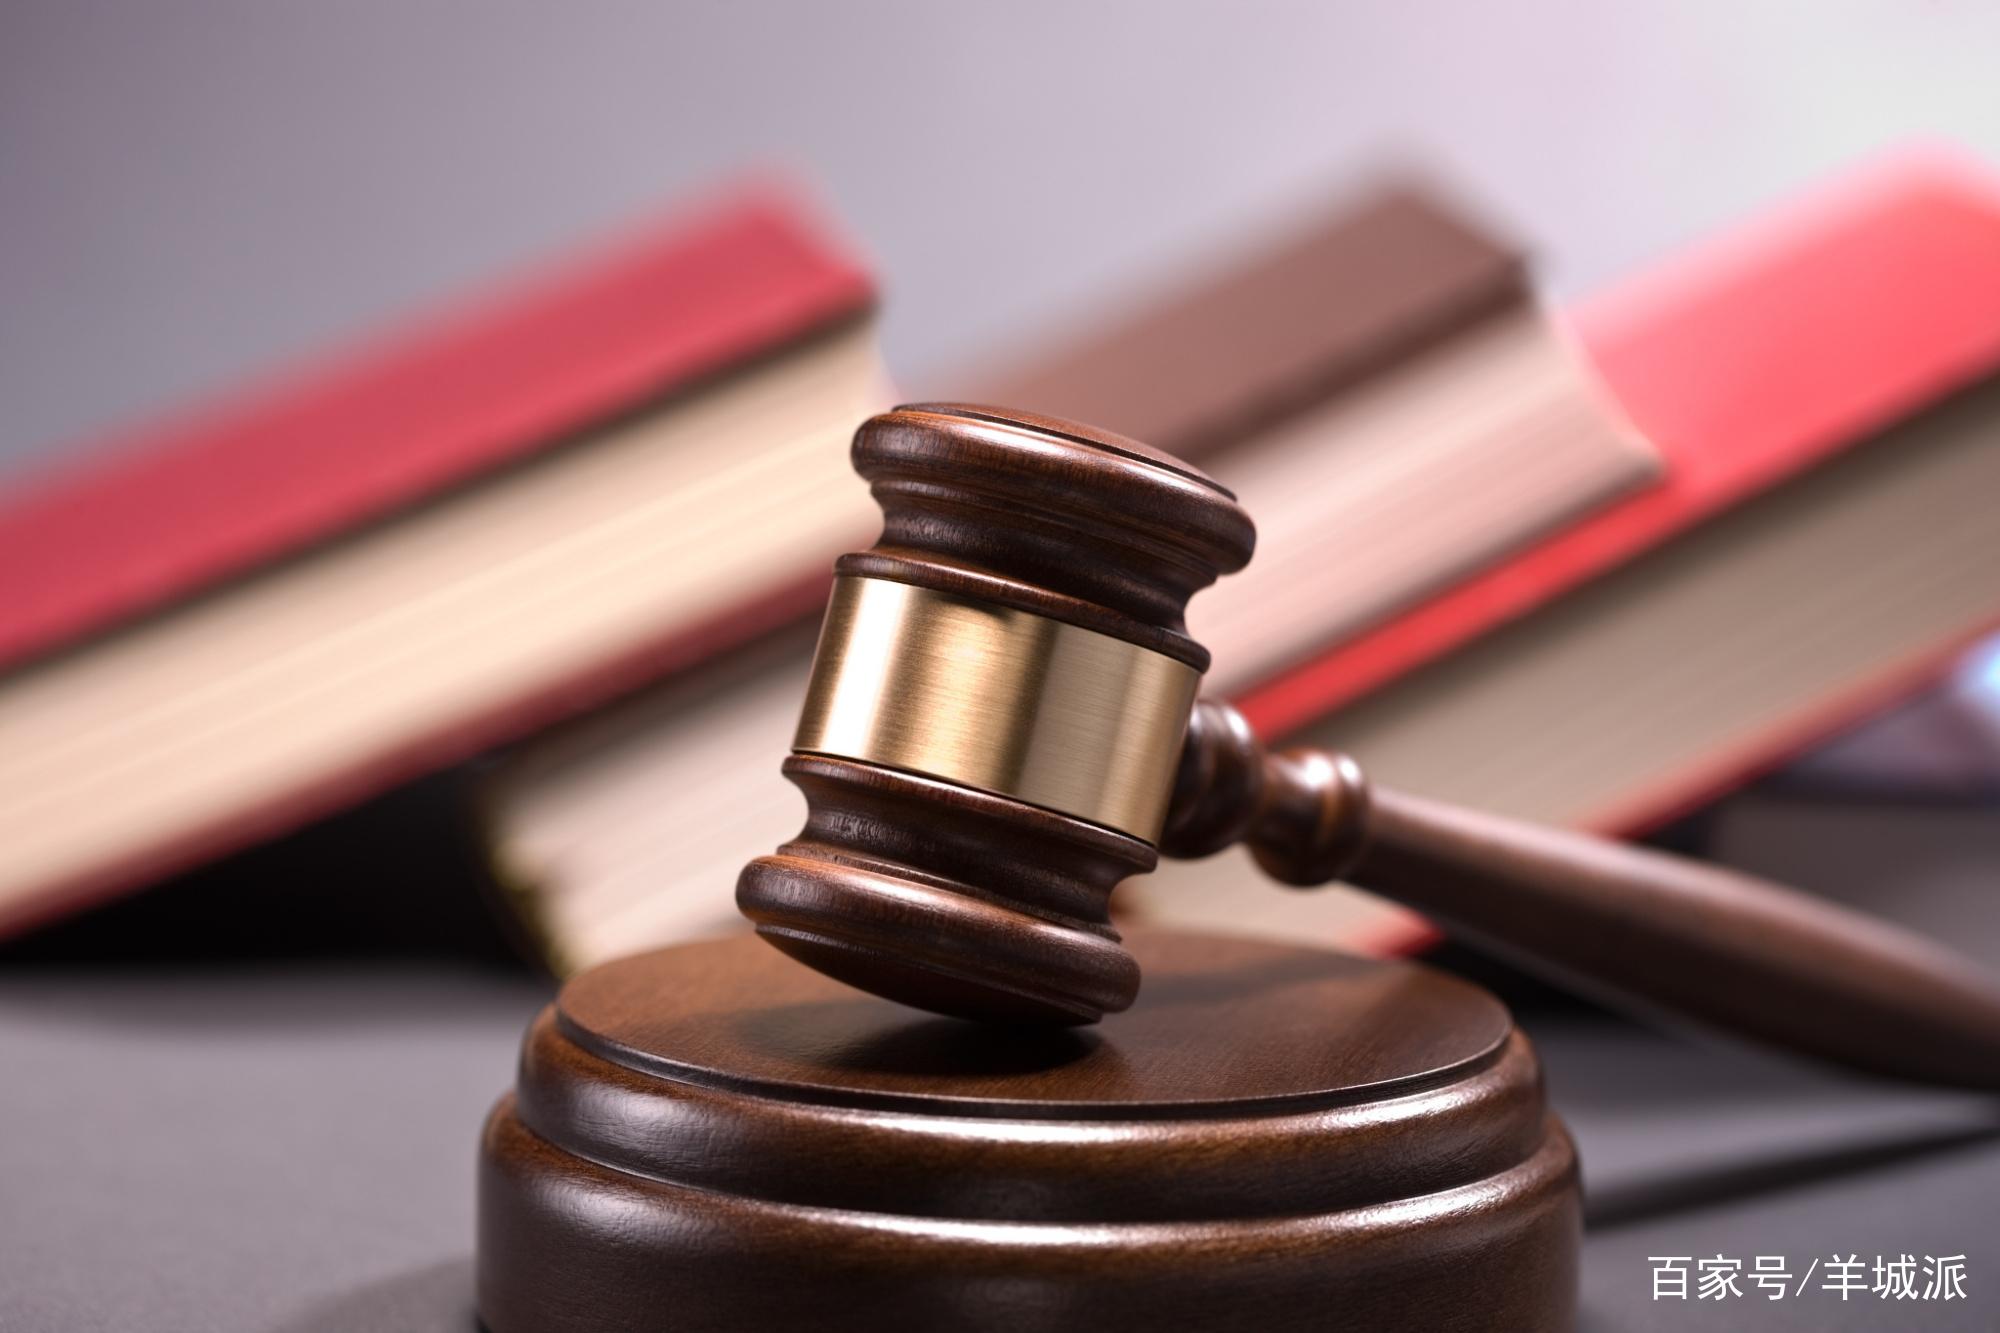 """姐妹俩当众脱光""""小三""""衣服被公诉,法院却终止审理,原因何在?"""